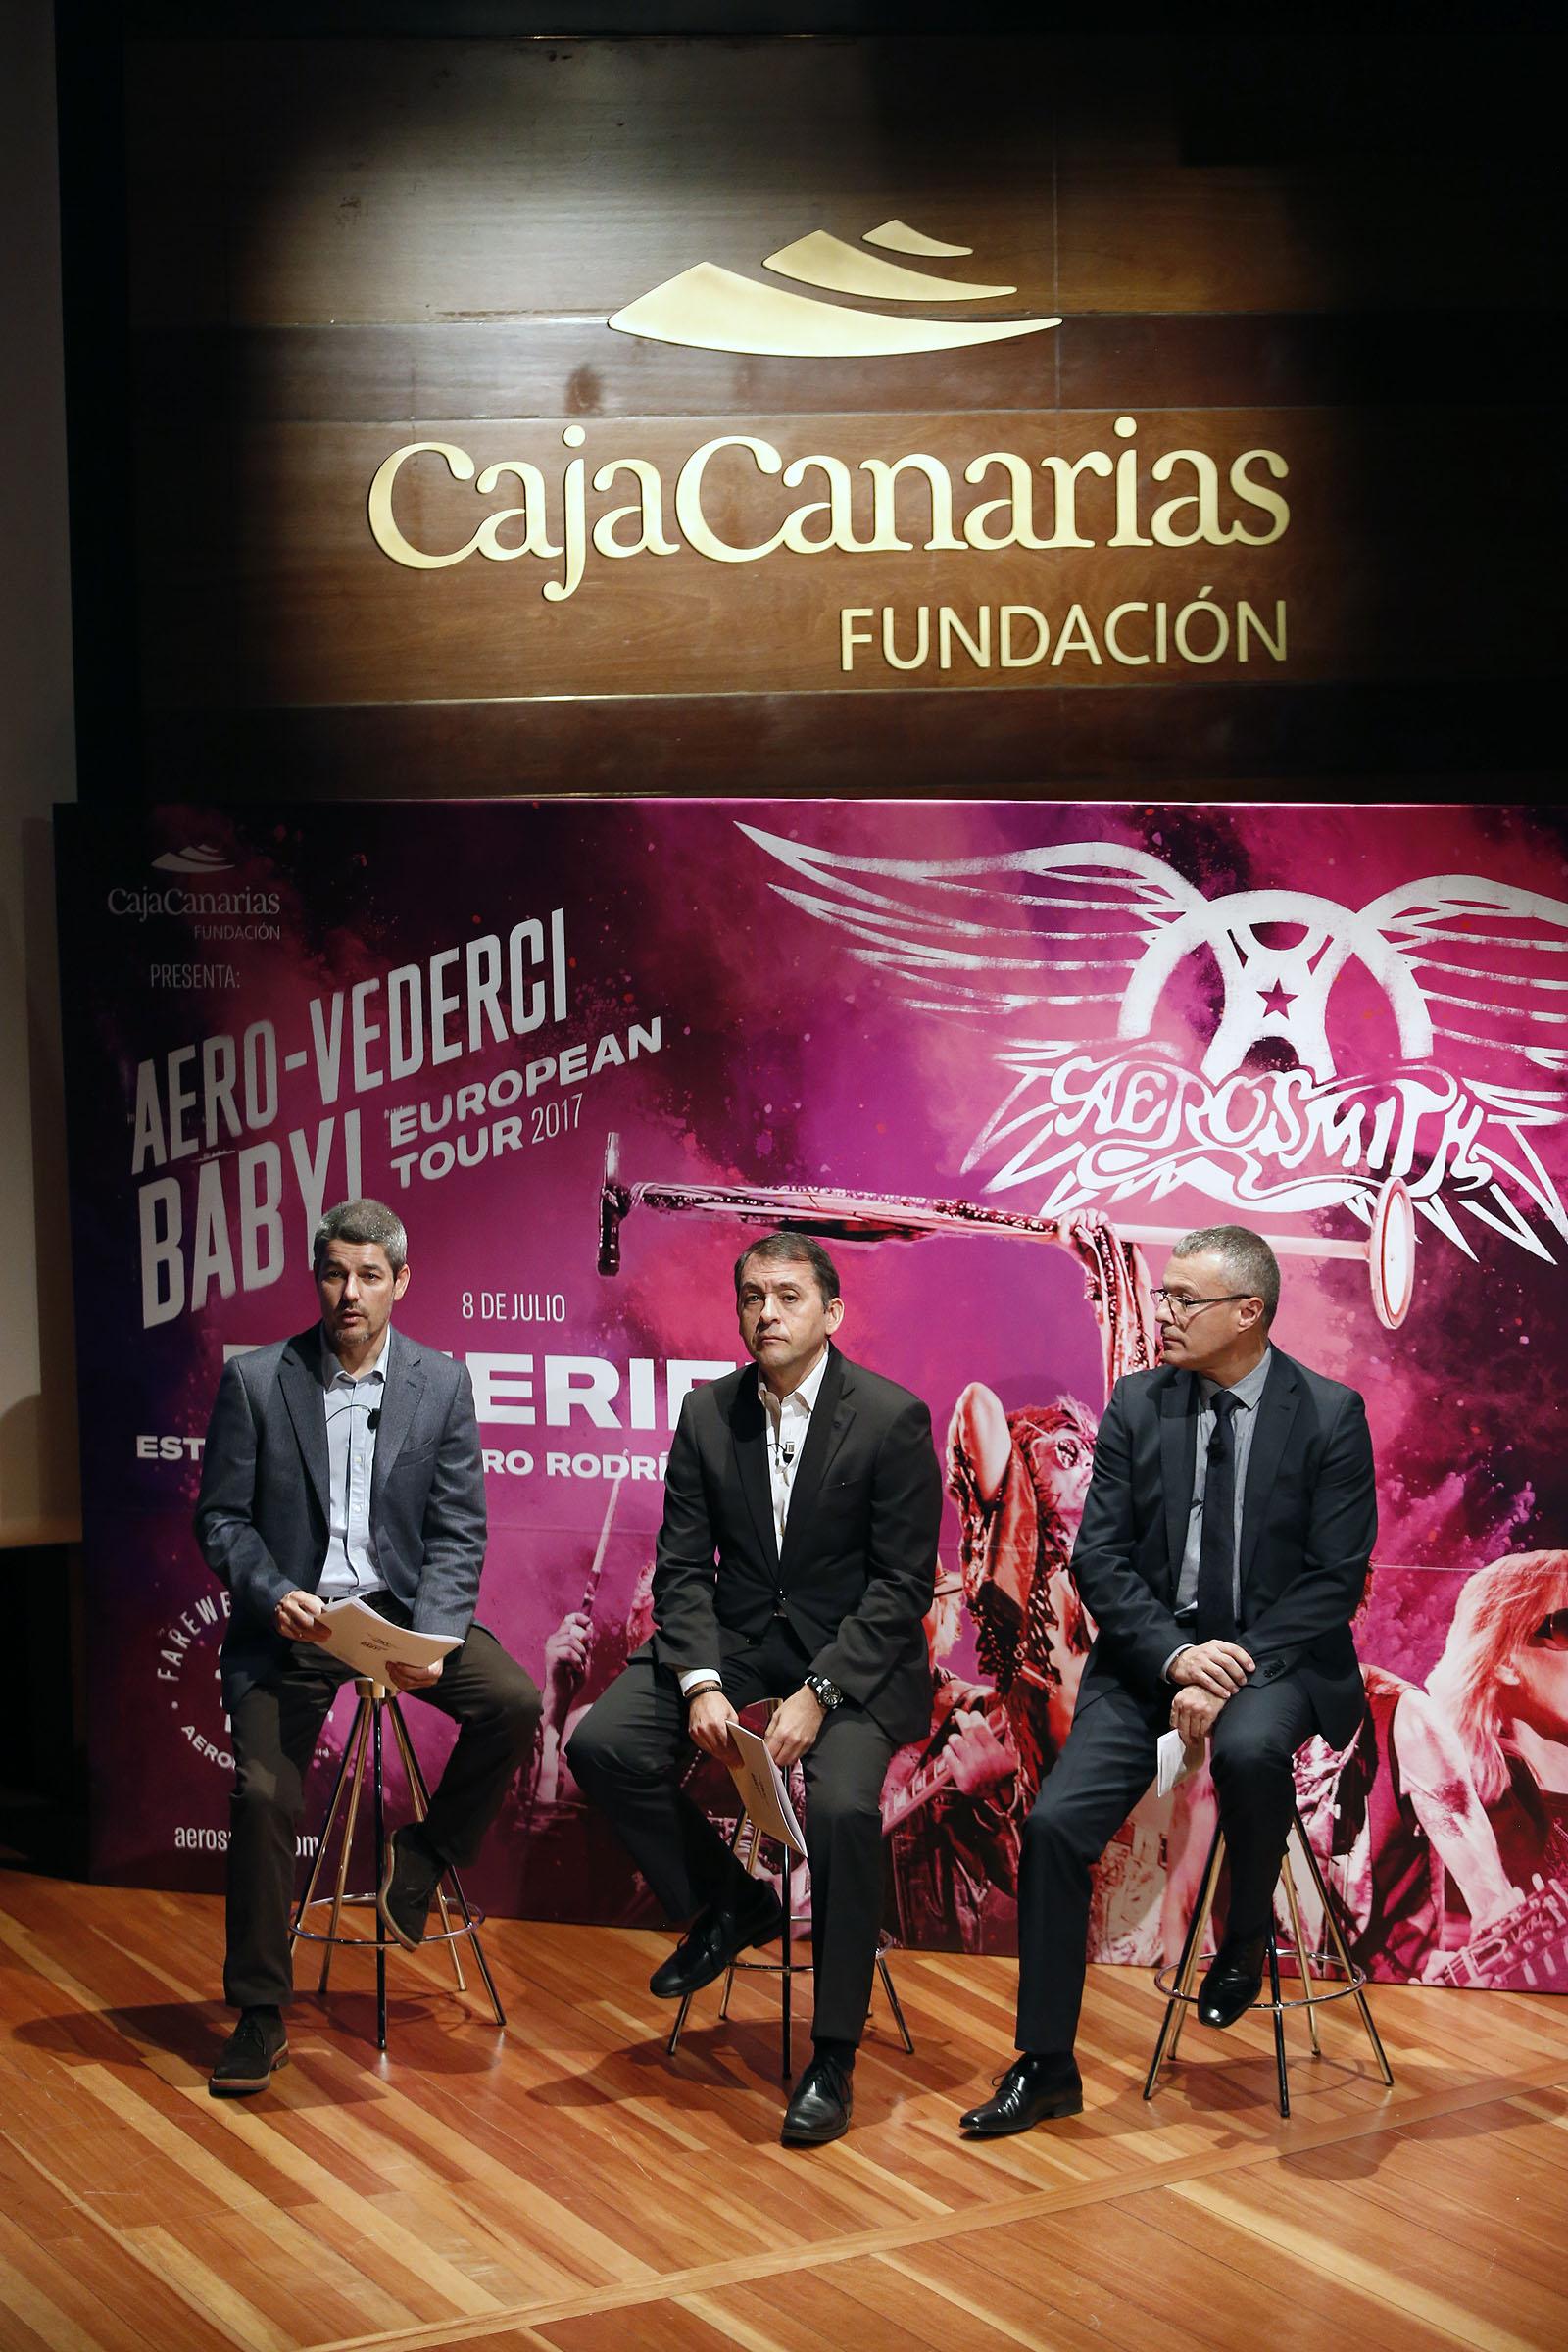 """La gira """"Aero-Vederci Baby Tour"""" de Aerosmith se clausura en Tenerife"""